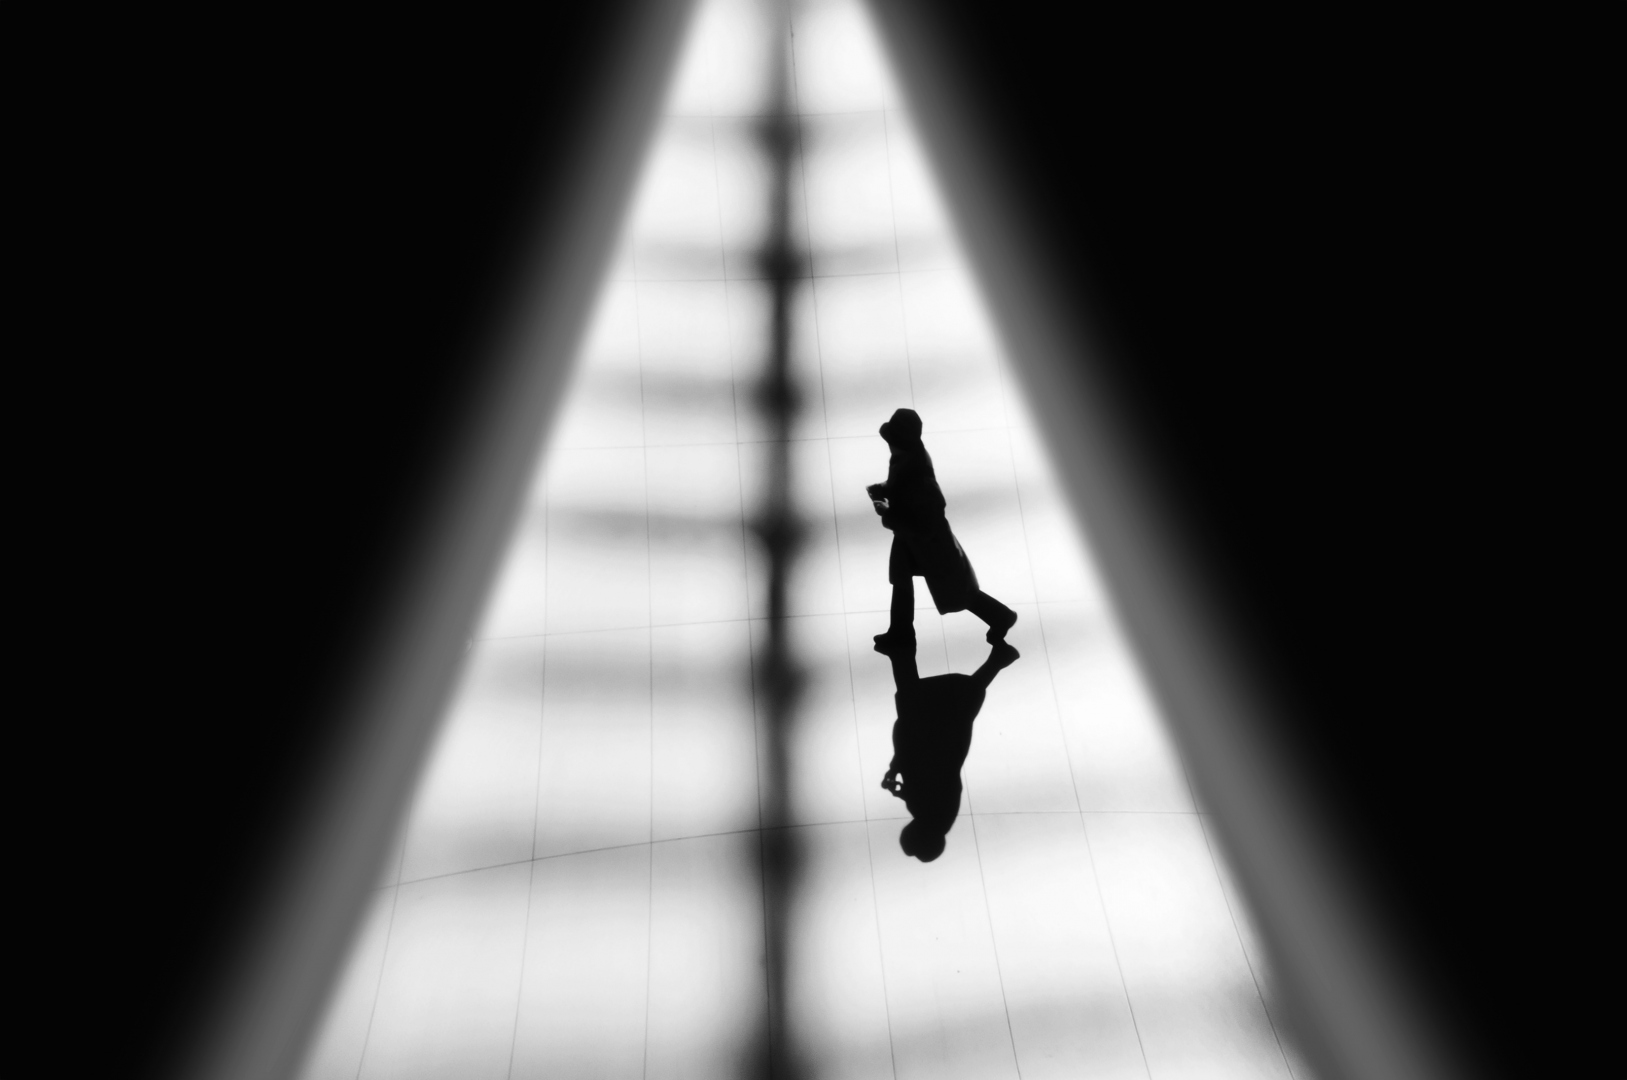 © Nuno A.- secrets